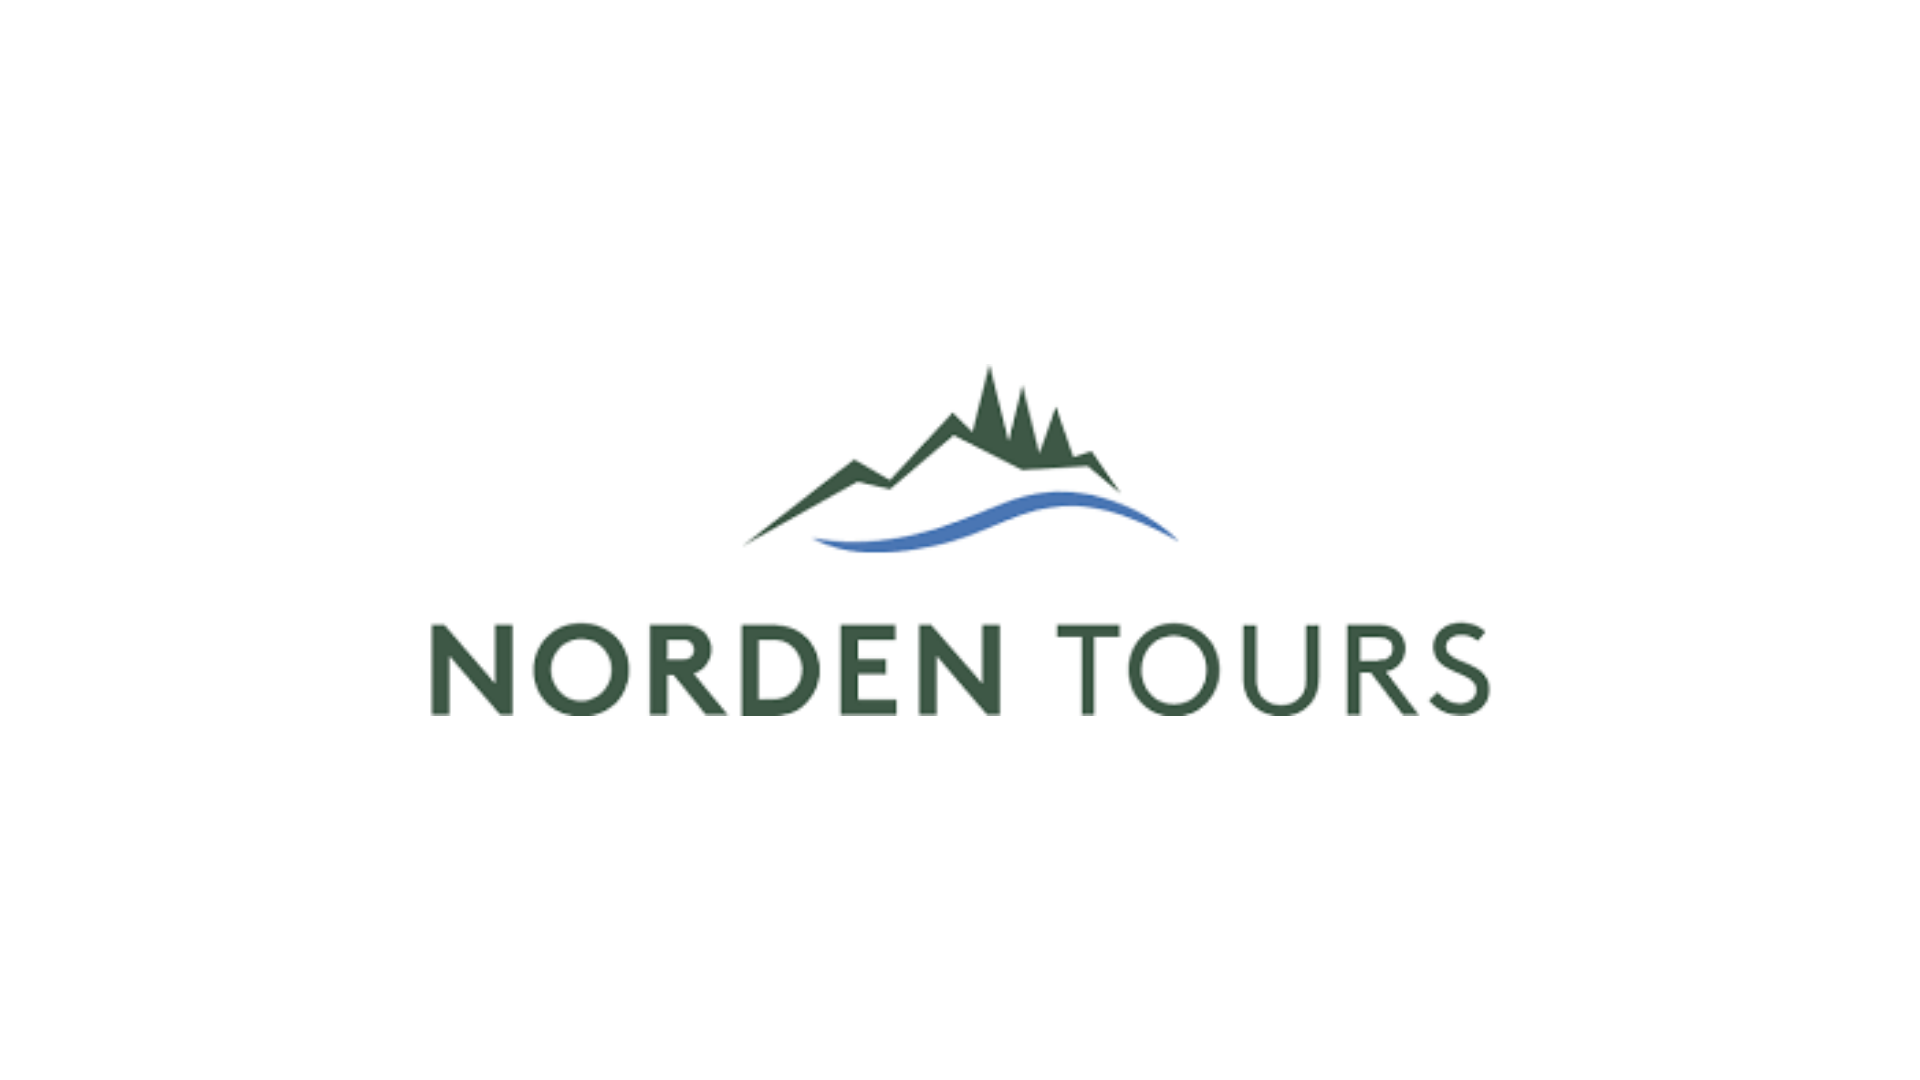 nordentours-logo-w